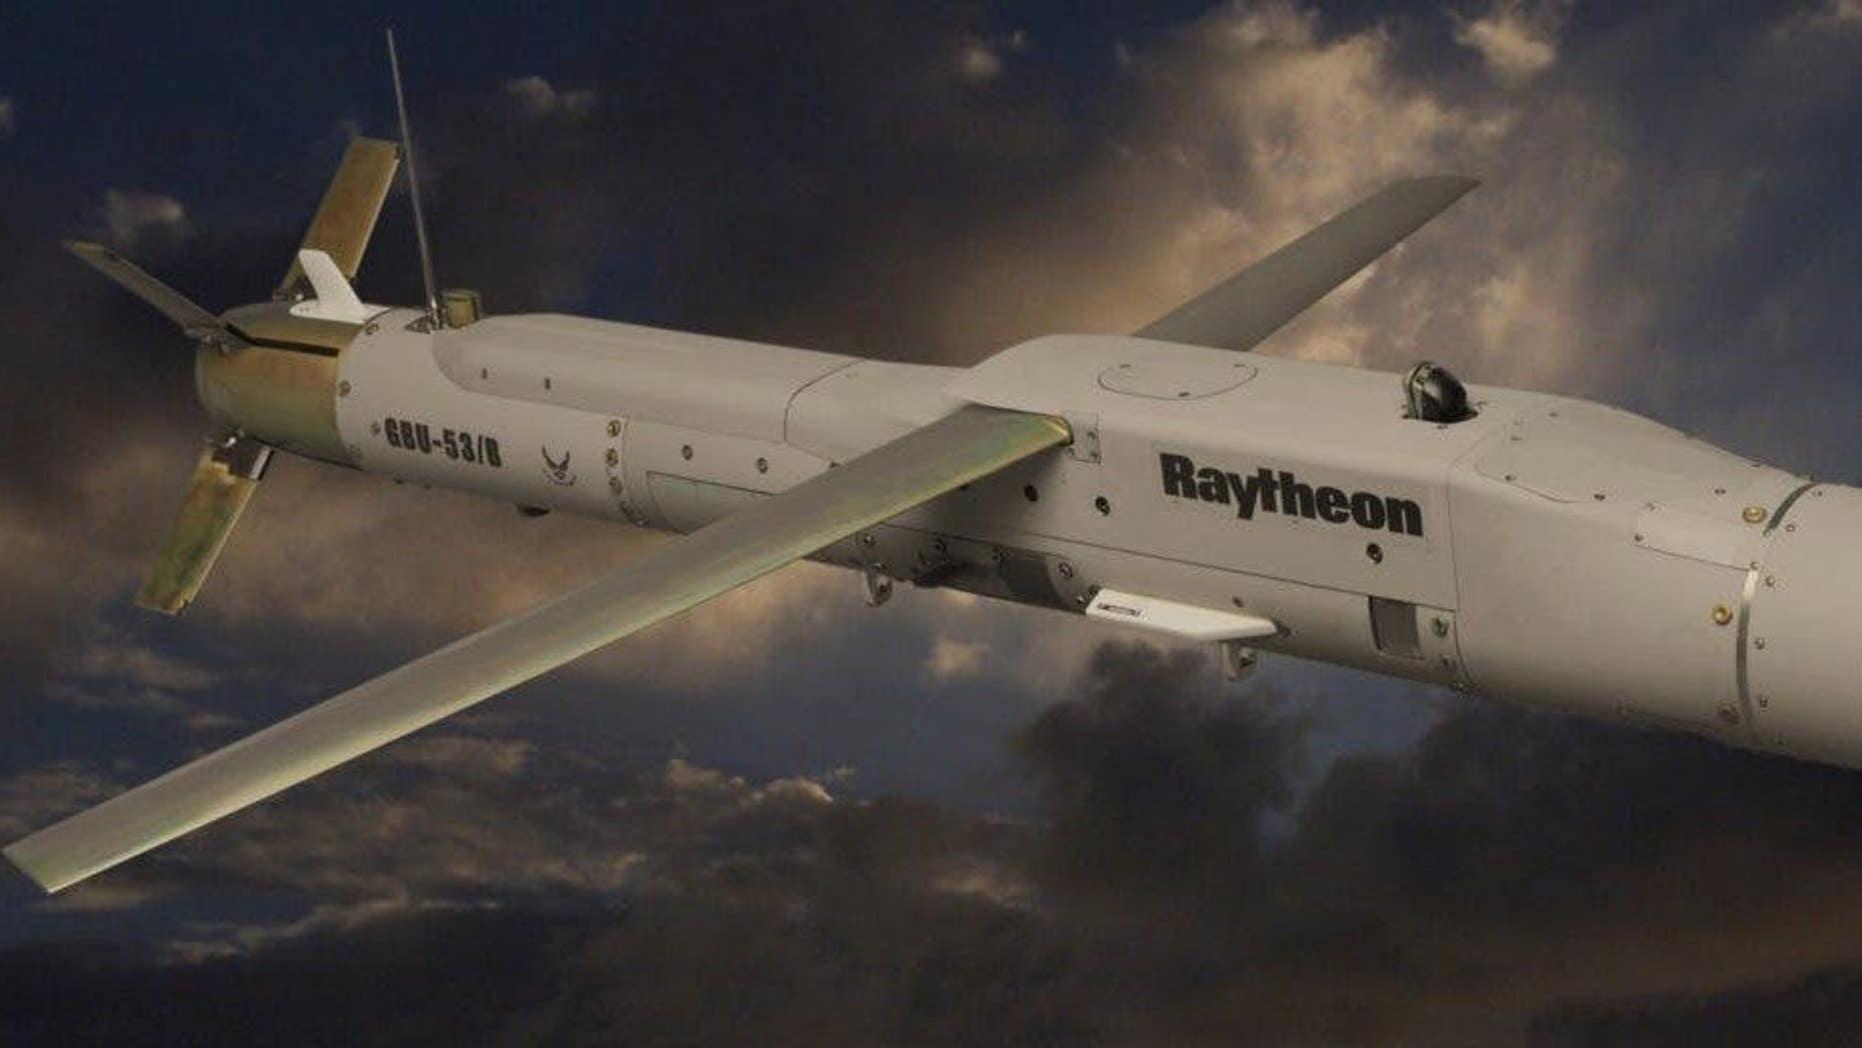 Image of SBD II courtesy of Raytheon